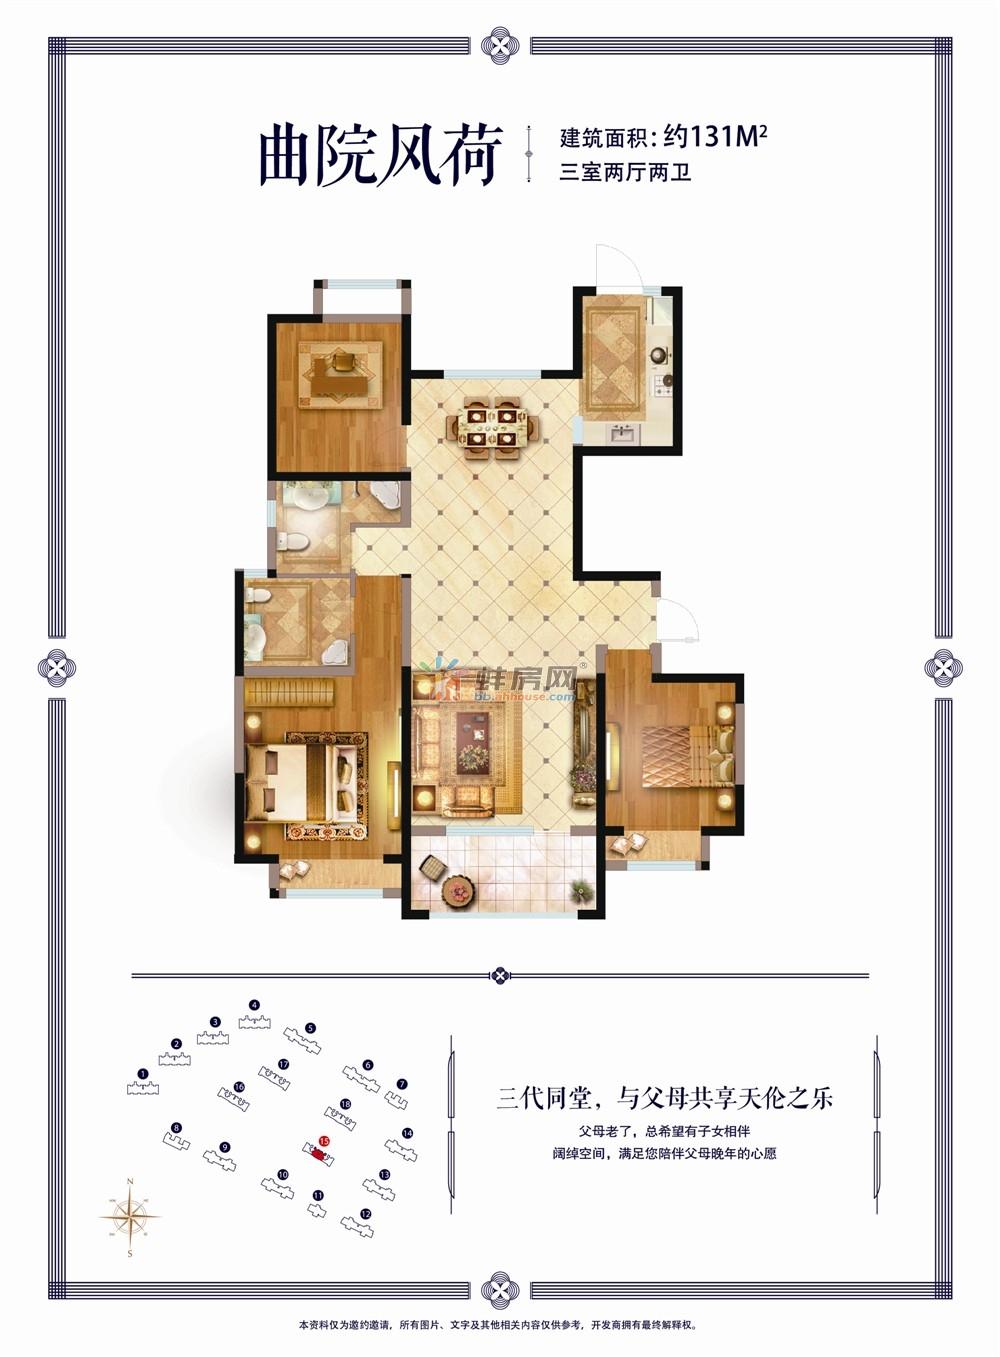 荣盛西湖观邸_3室2厅2卫1厨